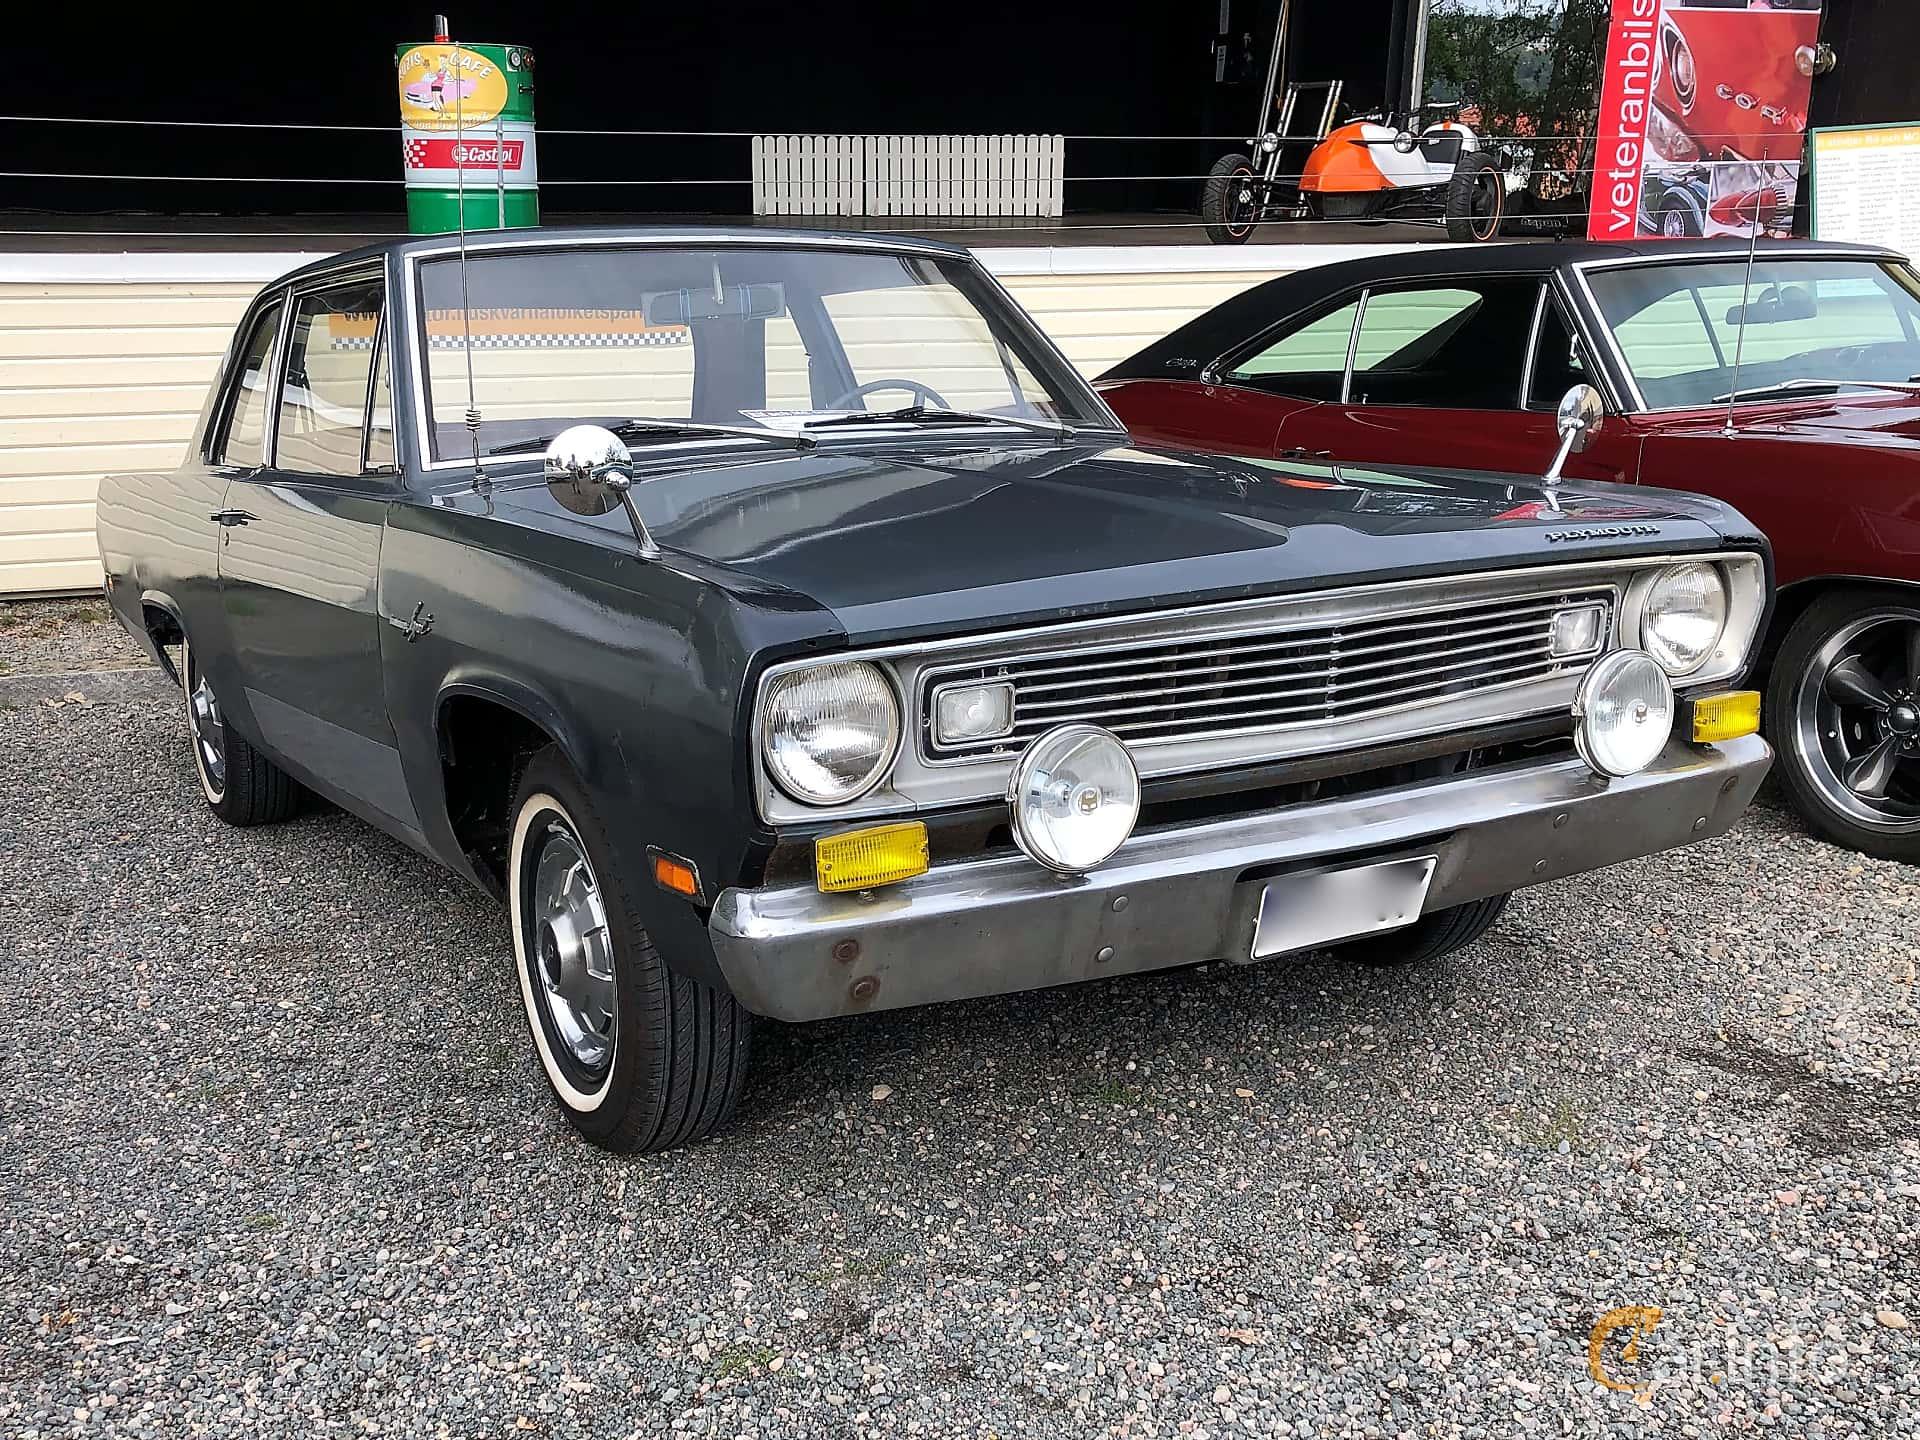 Front/Side  of Plymouth Valiant 2-door Sedan 2.8 TorqueFlite, 117ps, 1969 at Bil & MC-träffar i Huskvarna Folkets Park 2019 vecka 32 tema Hot Rods